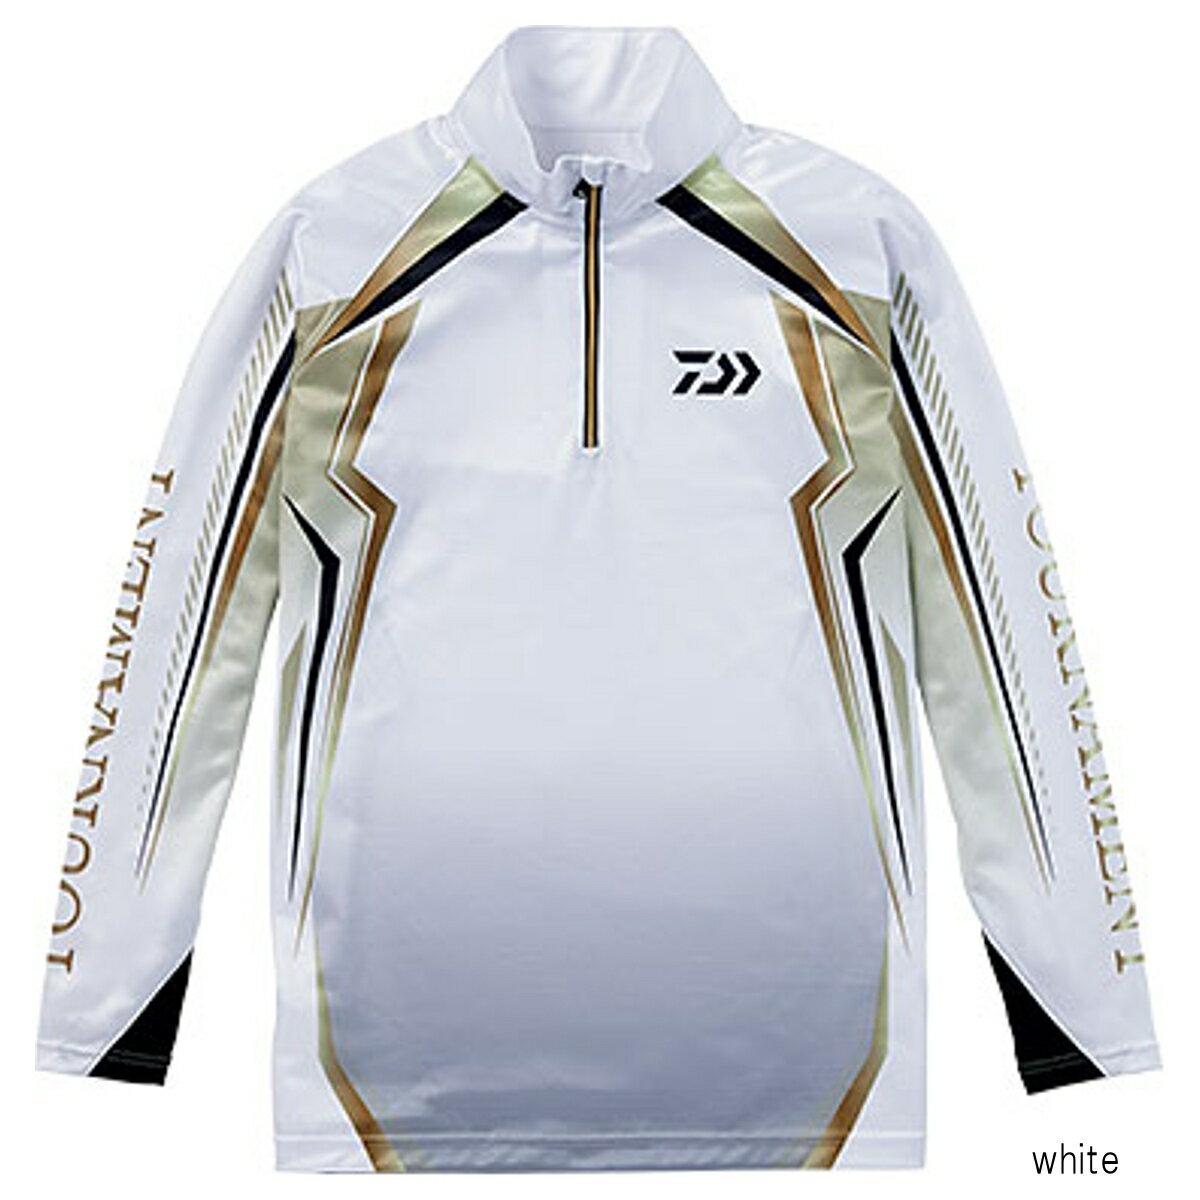 ダイワ トーナメント ドライシャツ DE-77008T L white【送料無料】